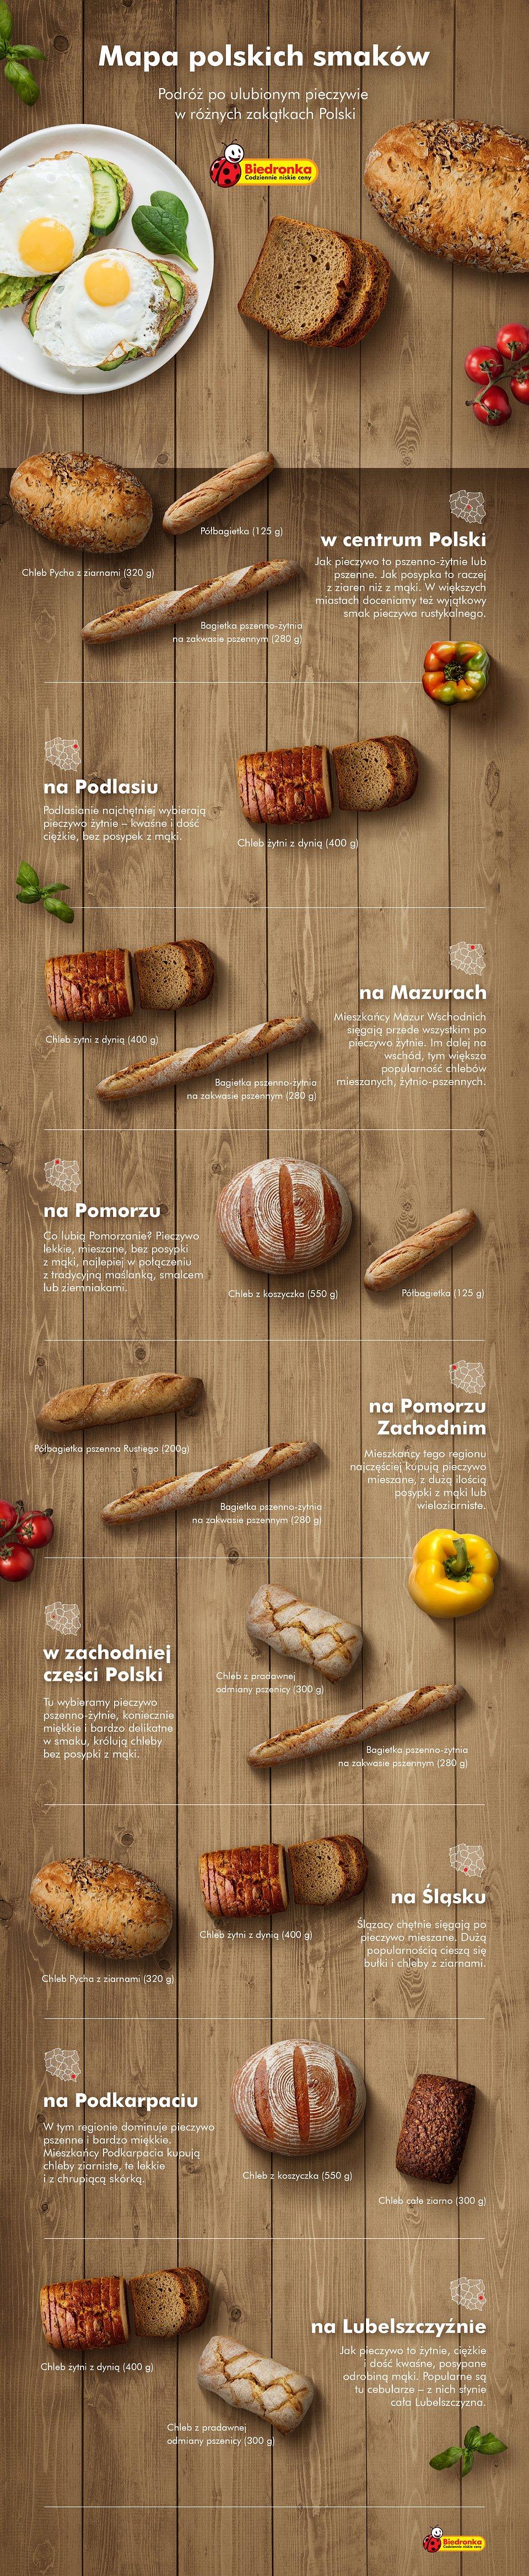 Polska mapa smaków